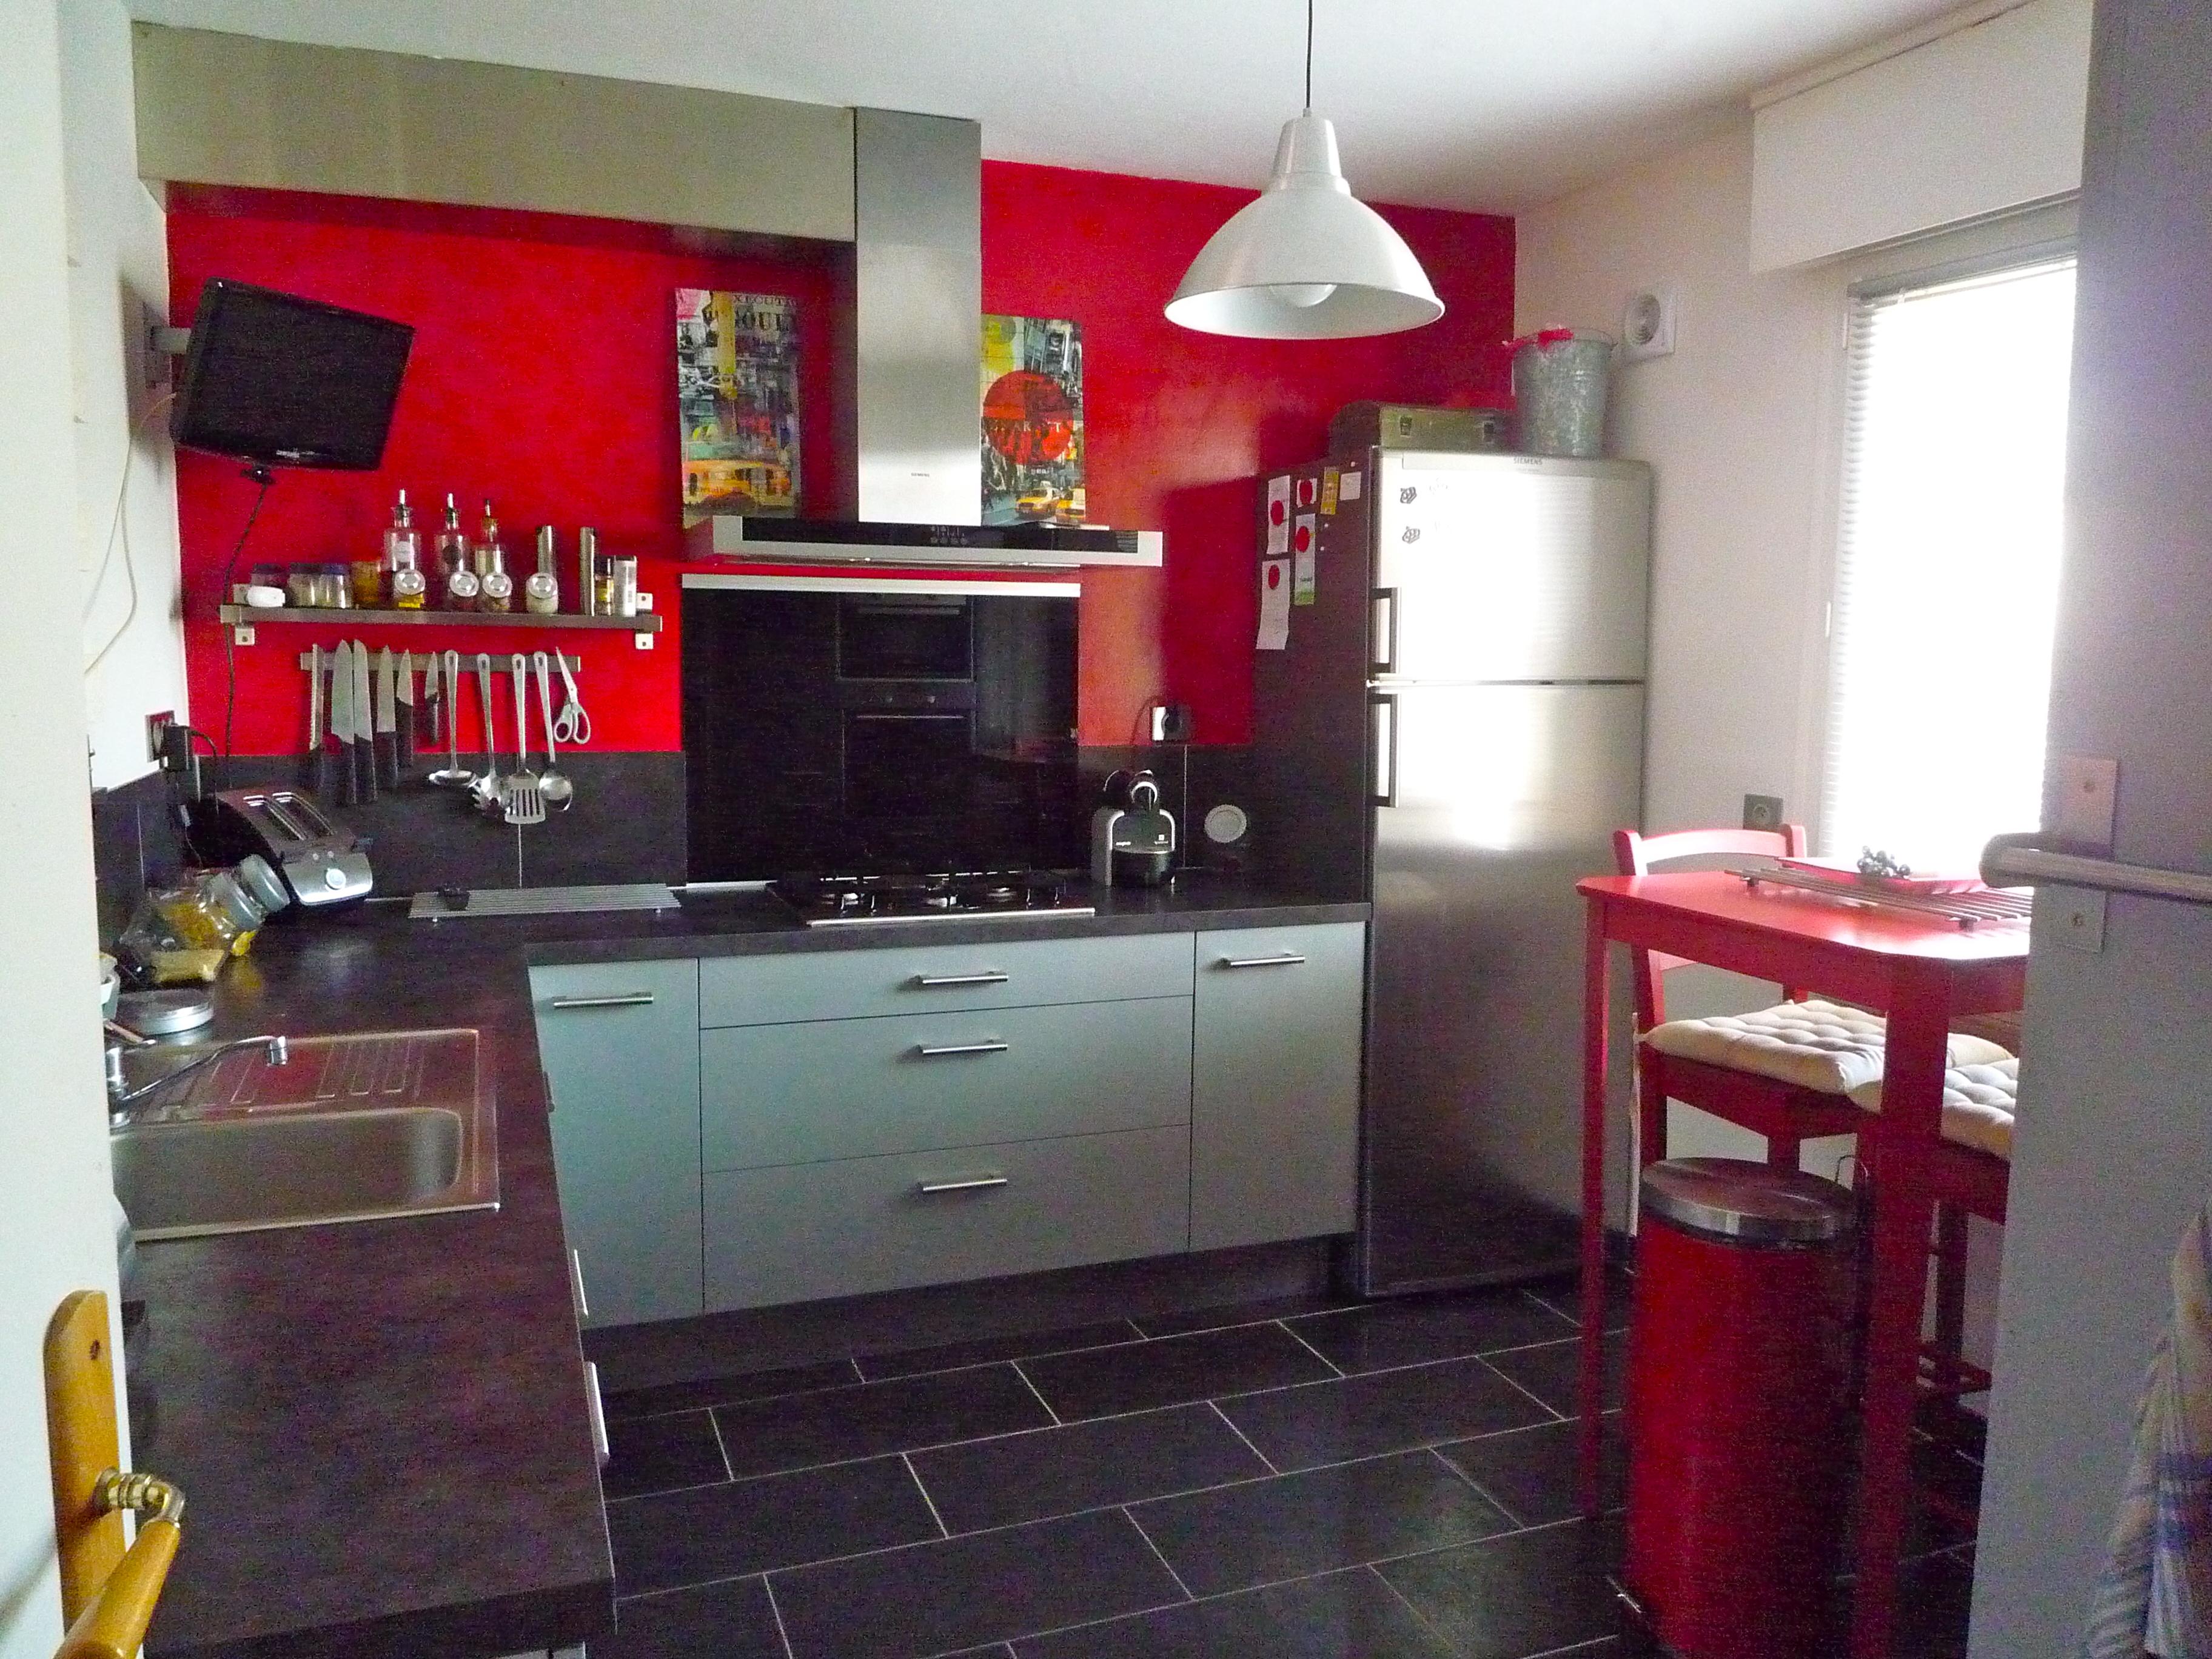 Cuisine Taupe Quelle Couleur Pour Les Murs cuisine gris taupe - décoration - forum vie pratique